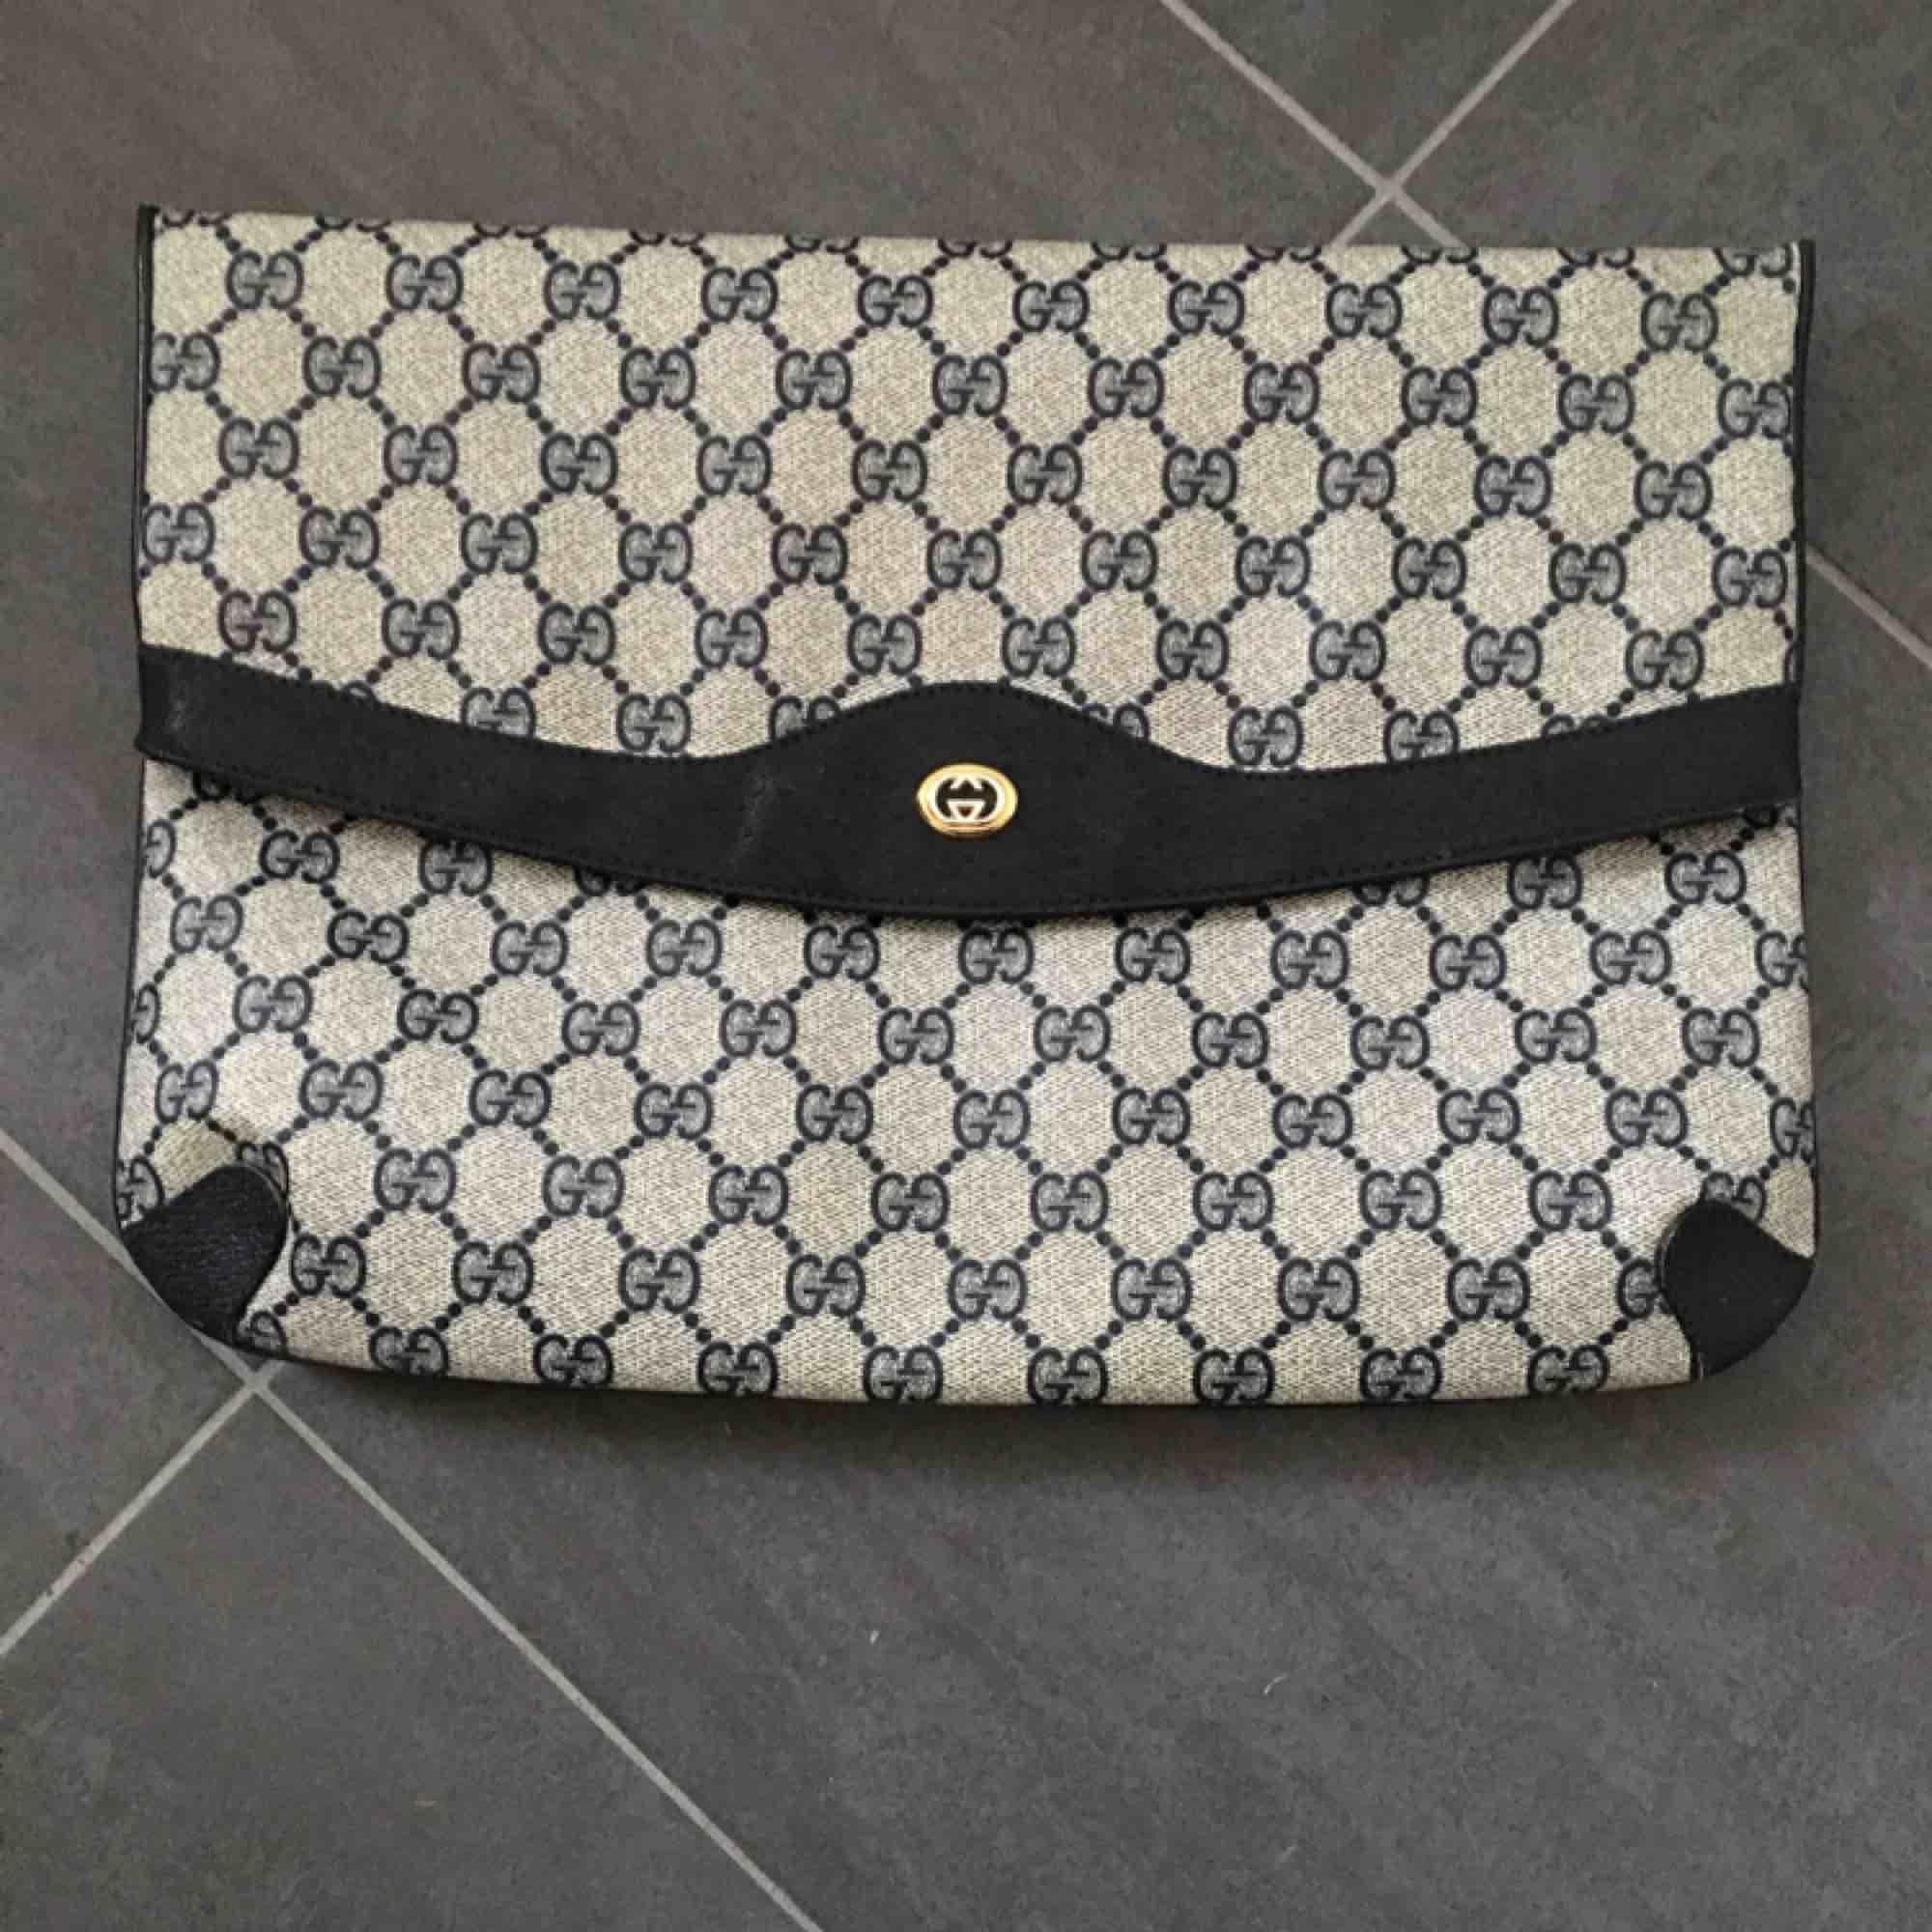 """Jättefin Gucciväska- vintage. Svart med klassiskt Gucci-mönster . På insidan finns en dold ficka med dragkedja. Storleken är 32x23 cm. Finns ett äkthetscertifikat i väskan. På """"fållkanten"""" i läder finns ett litet hack på varje sida (se bild).. Väskor."""